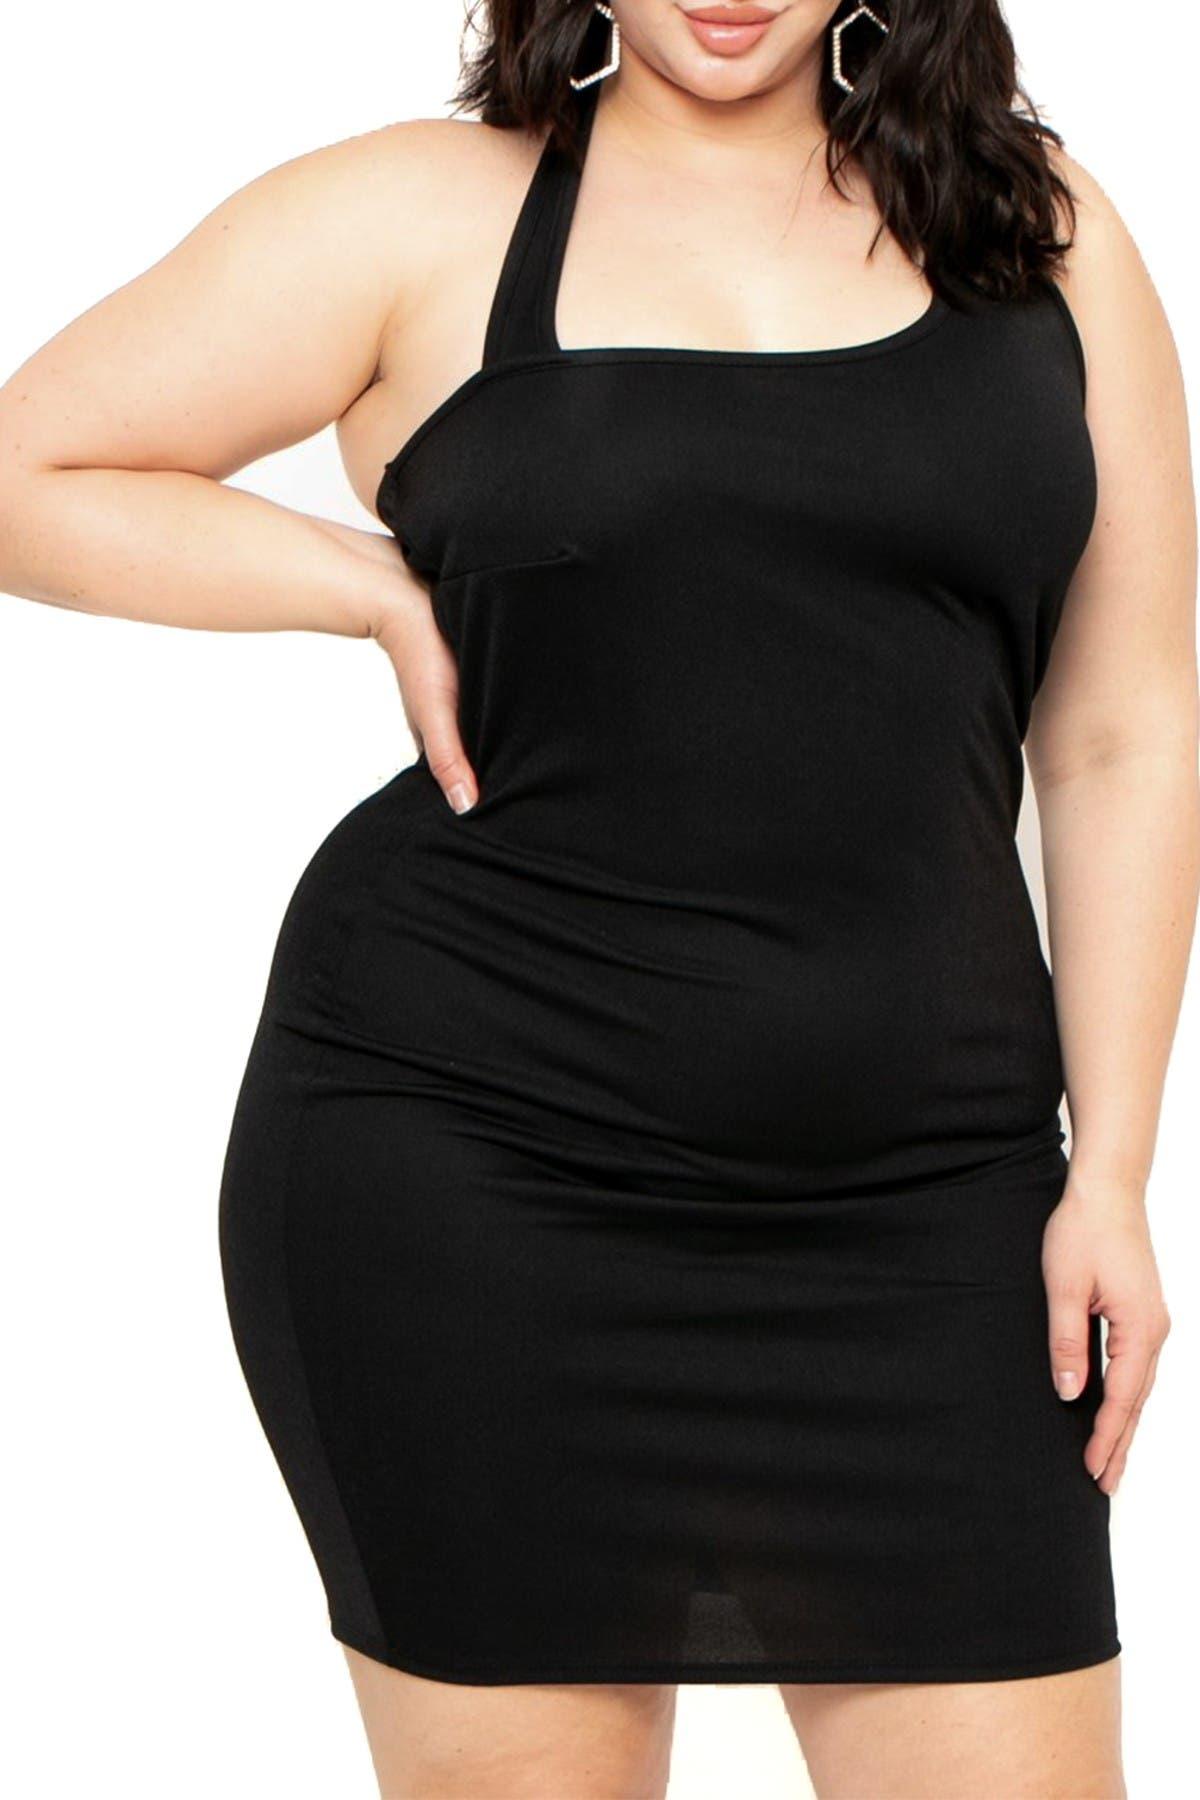 Curvy Sense Sadie Halter Dress